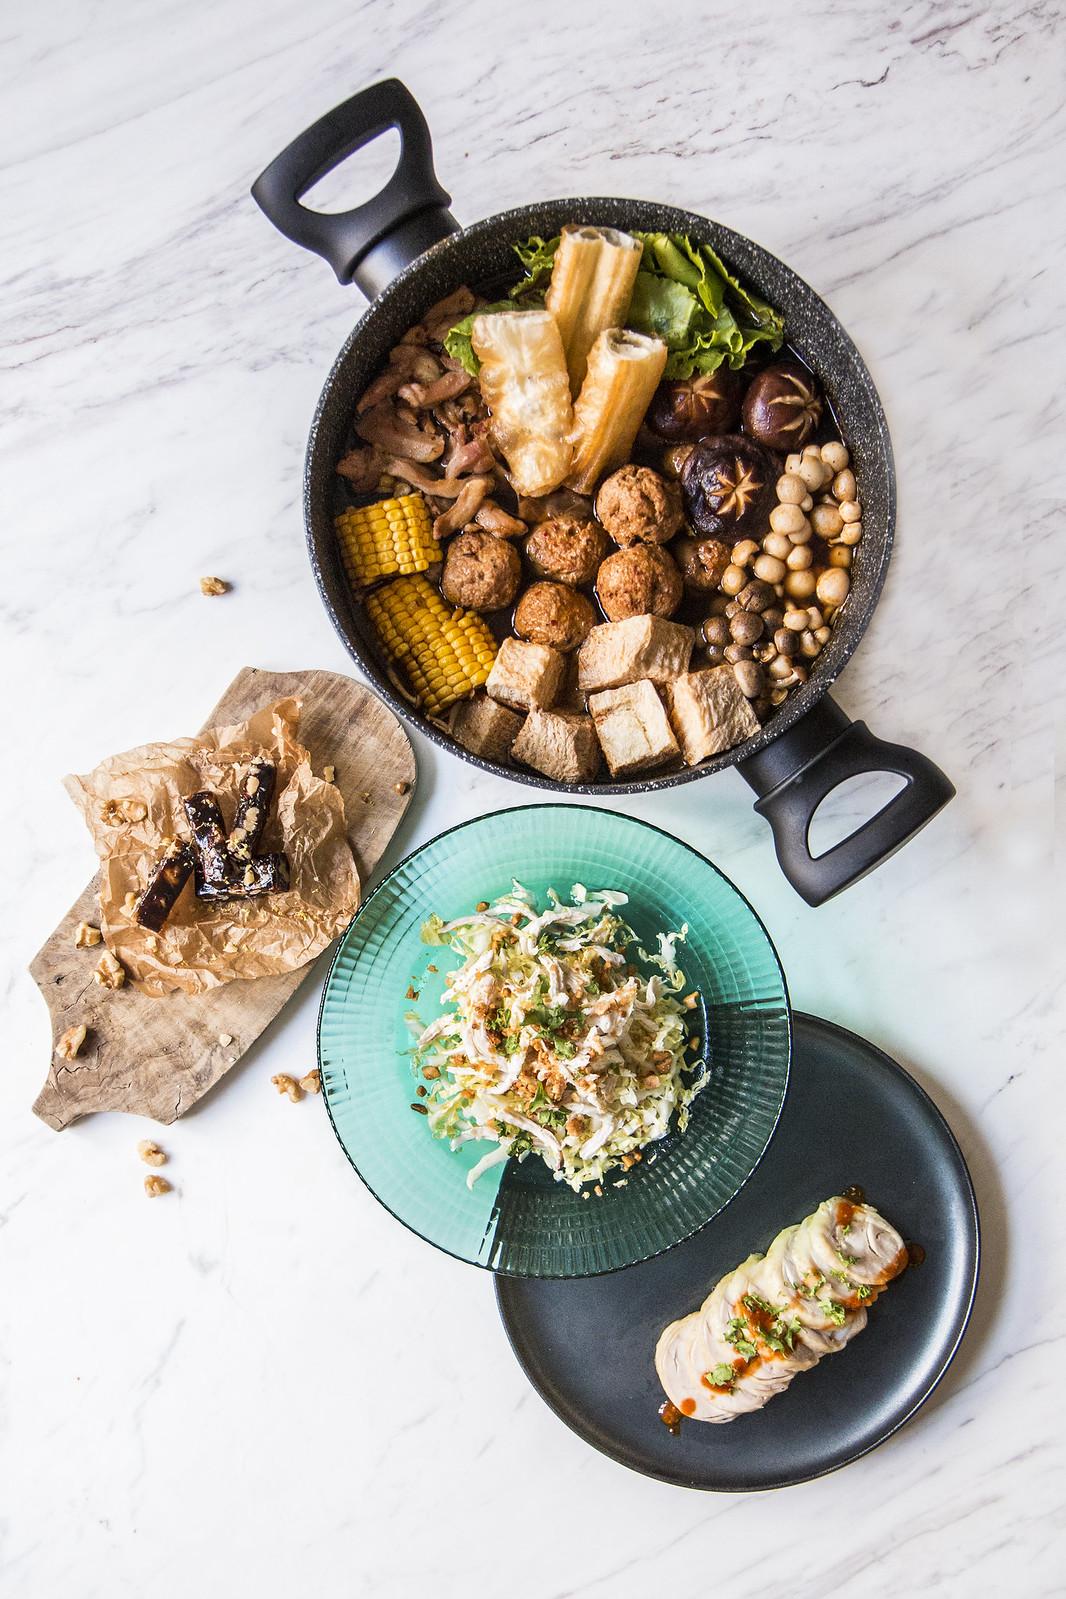 【magimix】30秒備菜讓年菜事半功倍